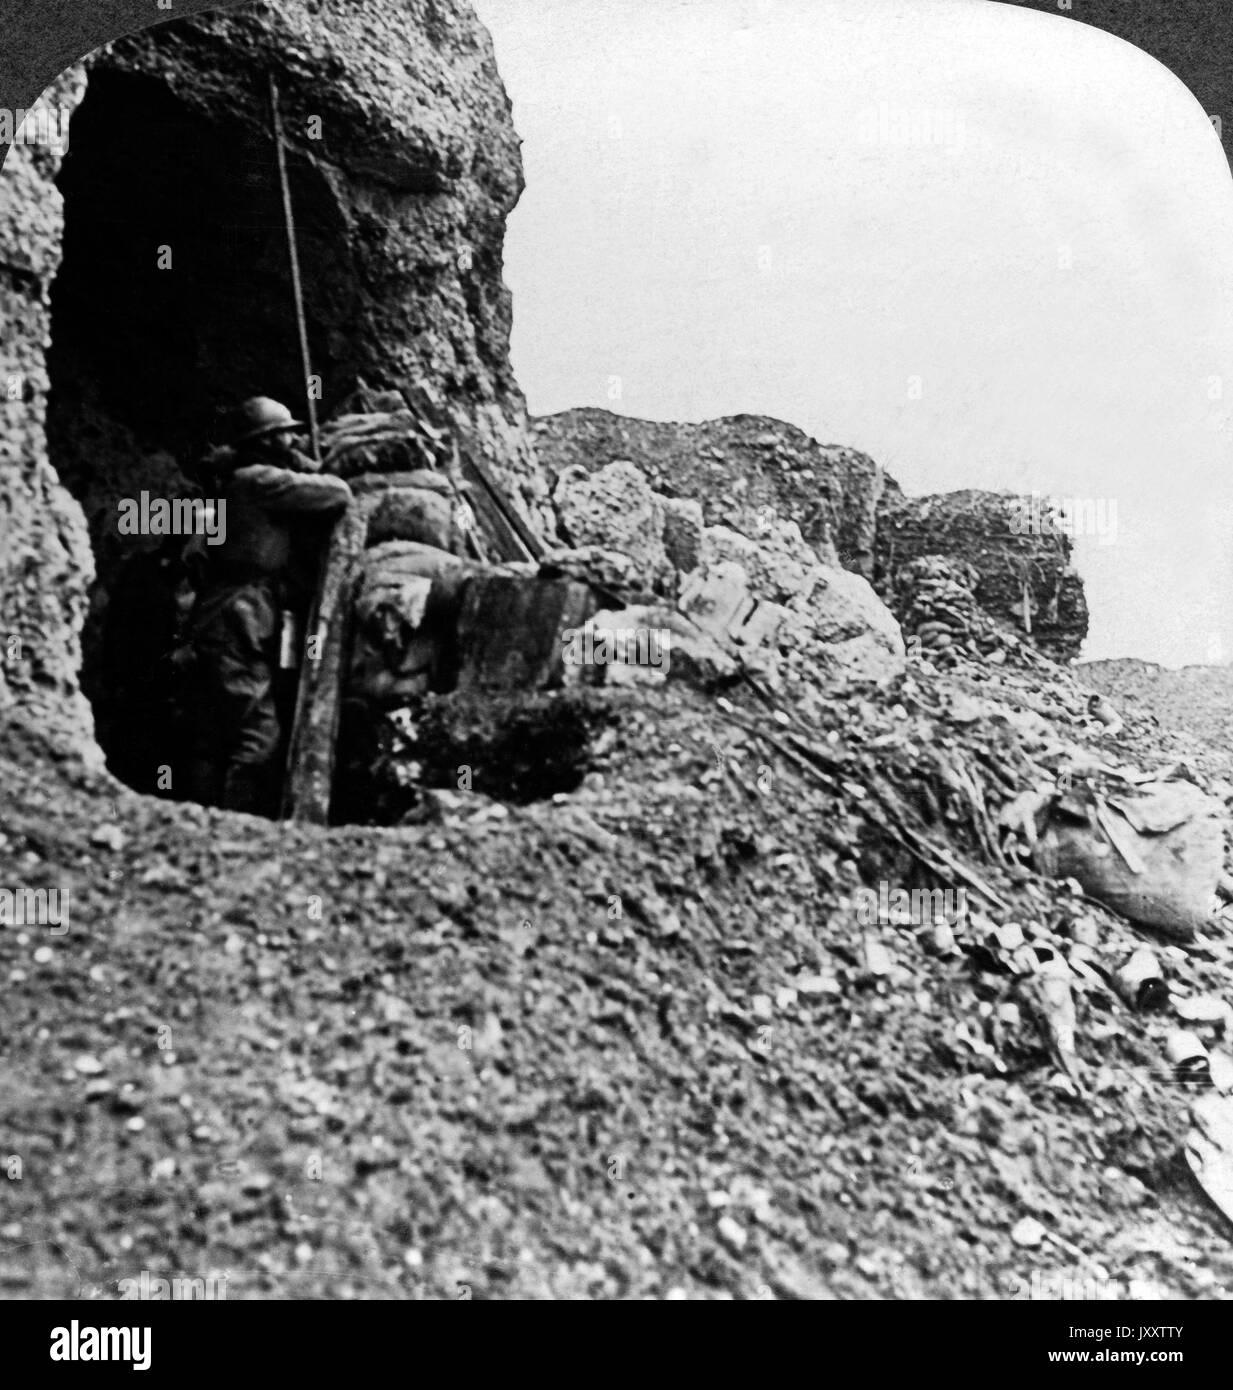 Die schreckliche Verüwstung einst fruchbarer Hügel und Täler, Frankreich 1916. The terrible desolation of once fertile hills and valleys, France 1916. - Stock Image